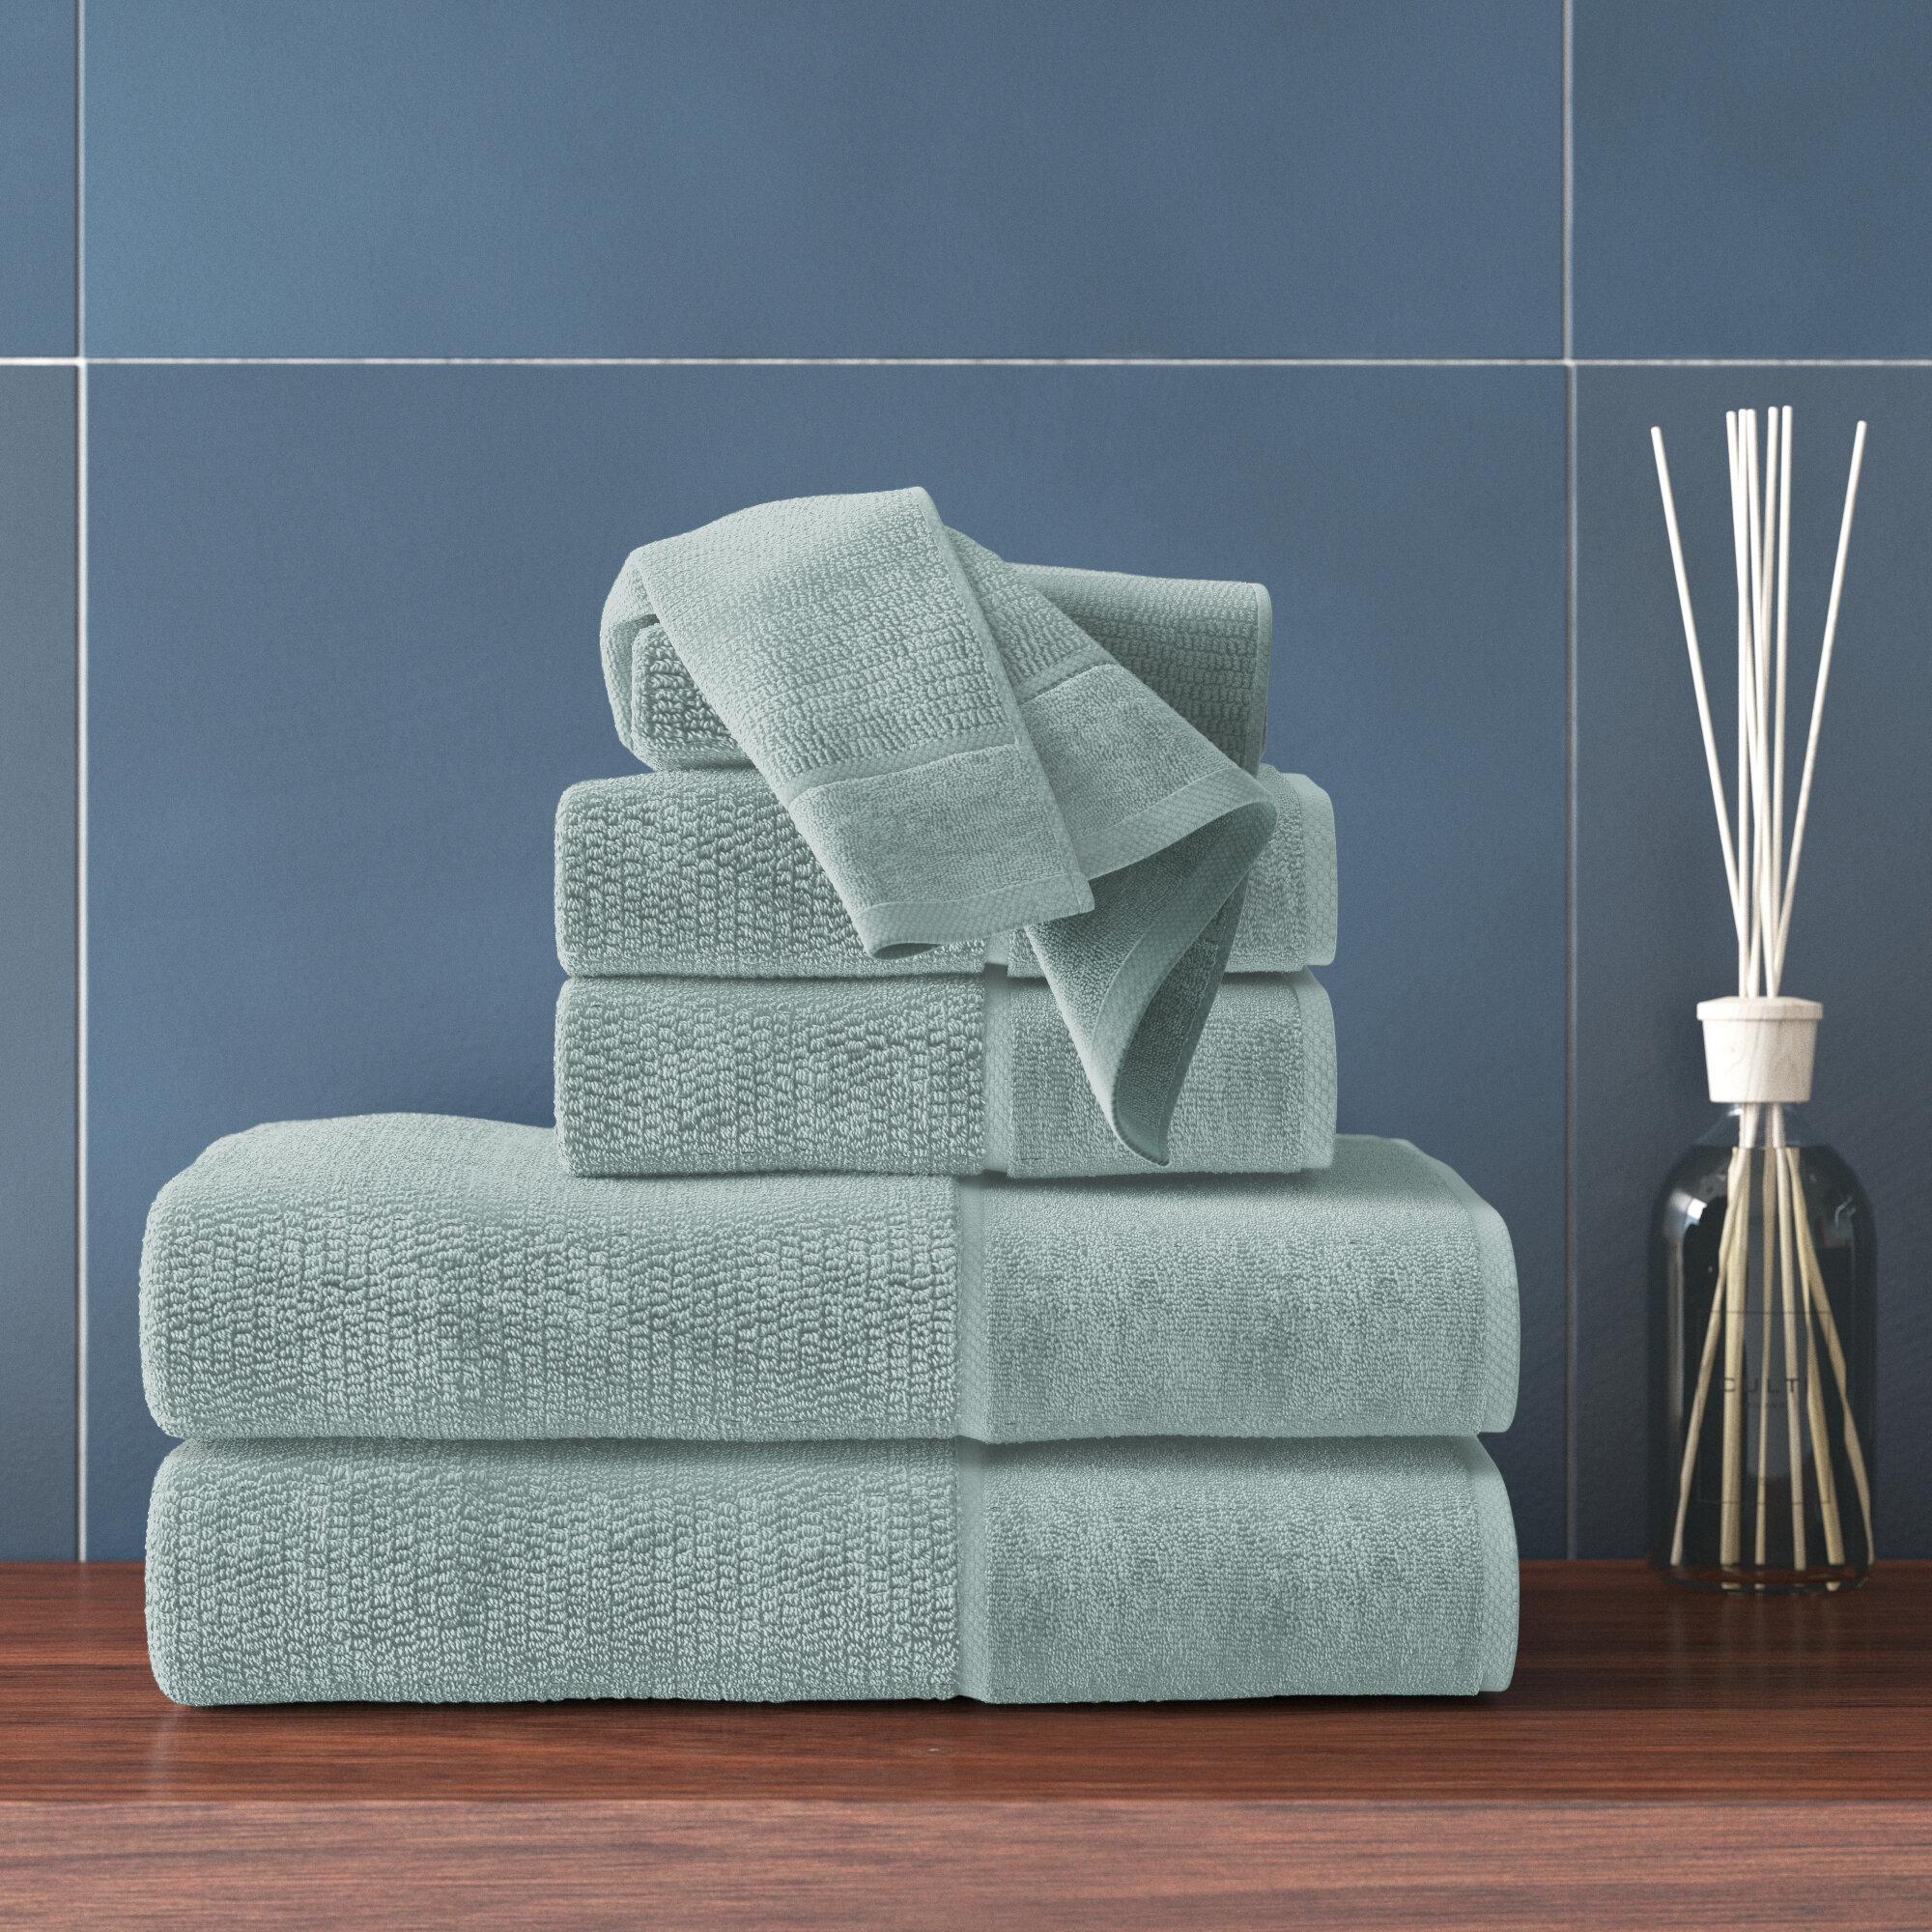 Textured Bath Towel Set 6 pc White Borders Plush Combed Cotton Towels 3 Colors